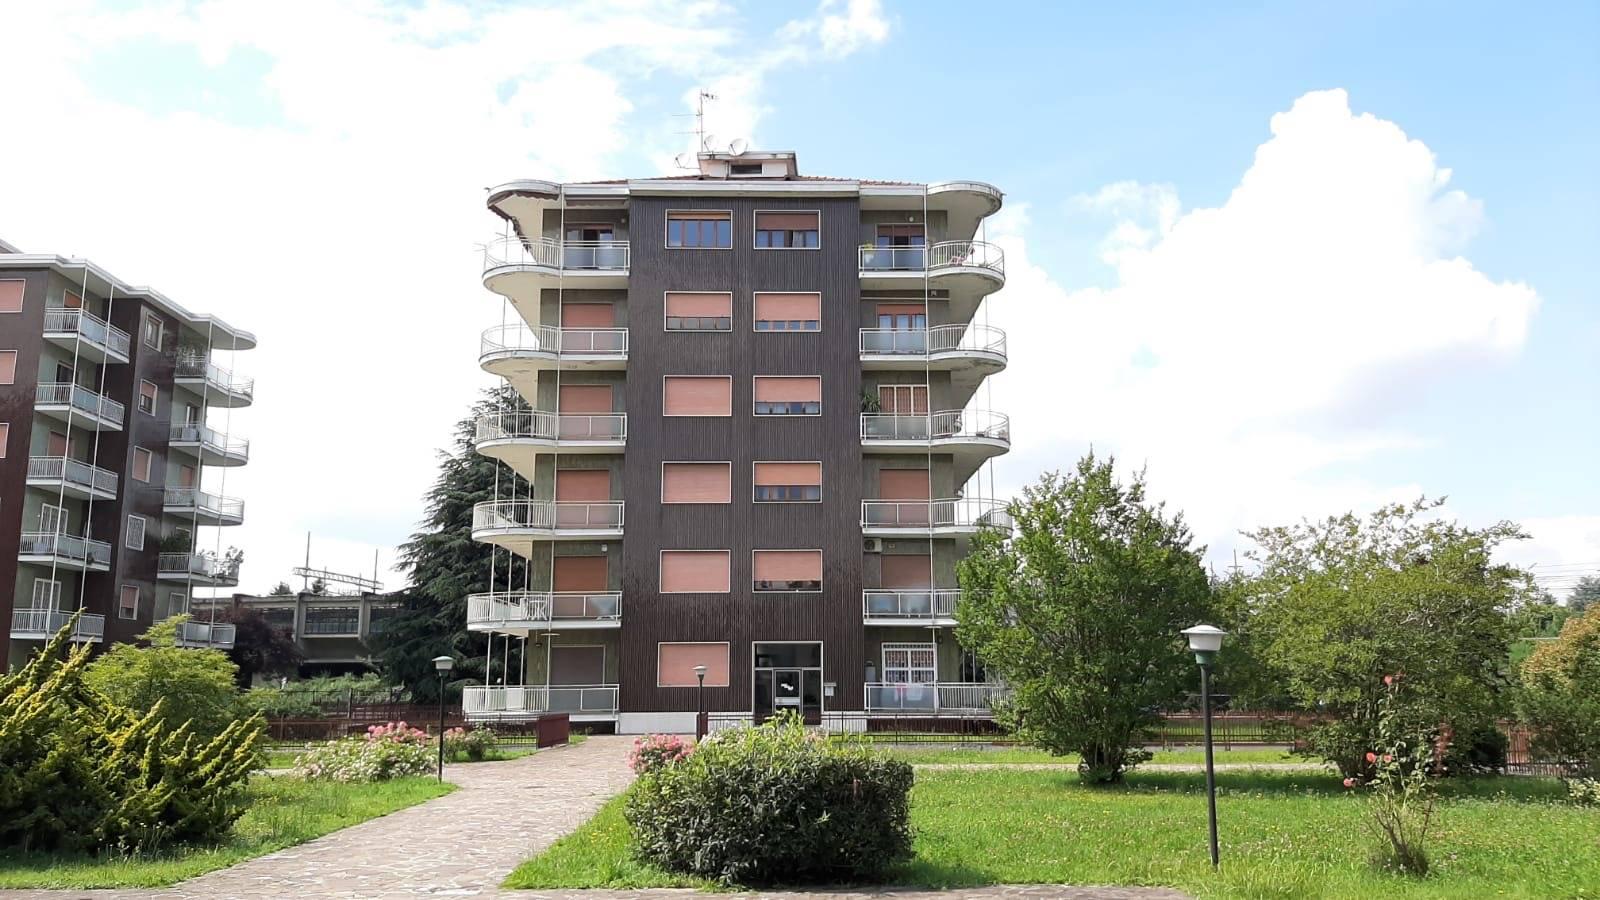 Appartamento in vendita a Cassina de' Pecchi, 3 locali, prezzo € 250.000 | PortaleAgenzieImmobiliari.it